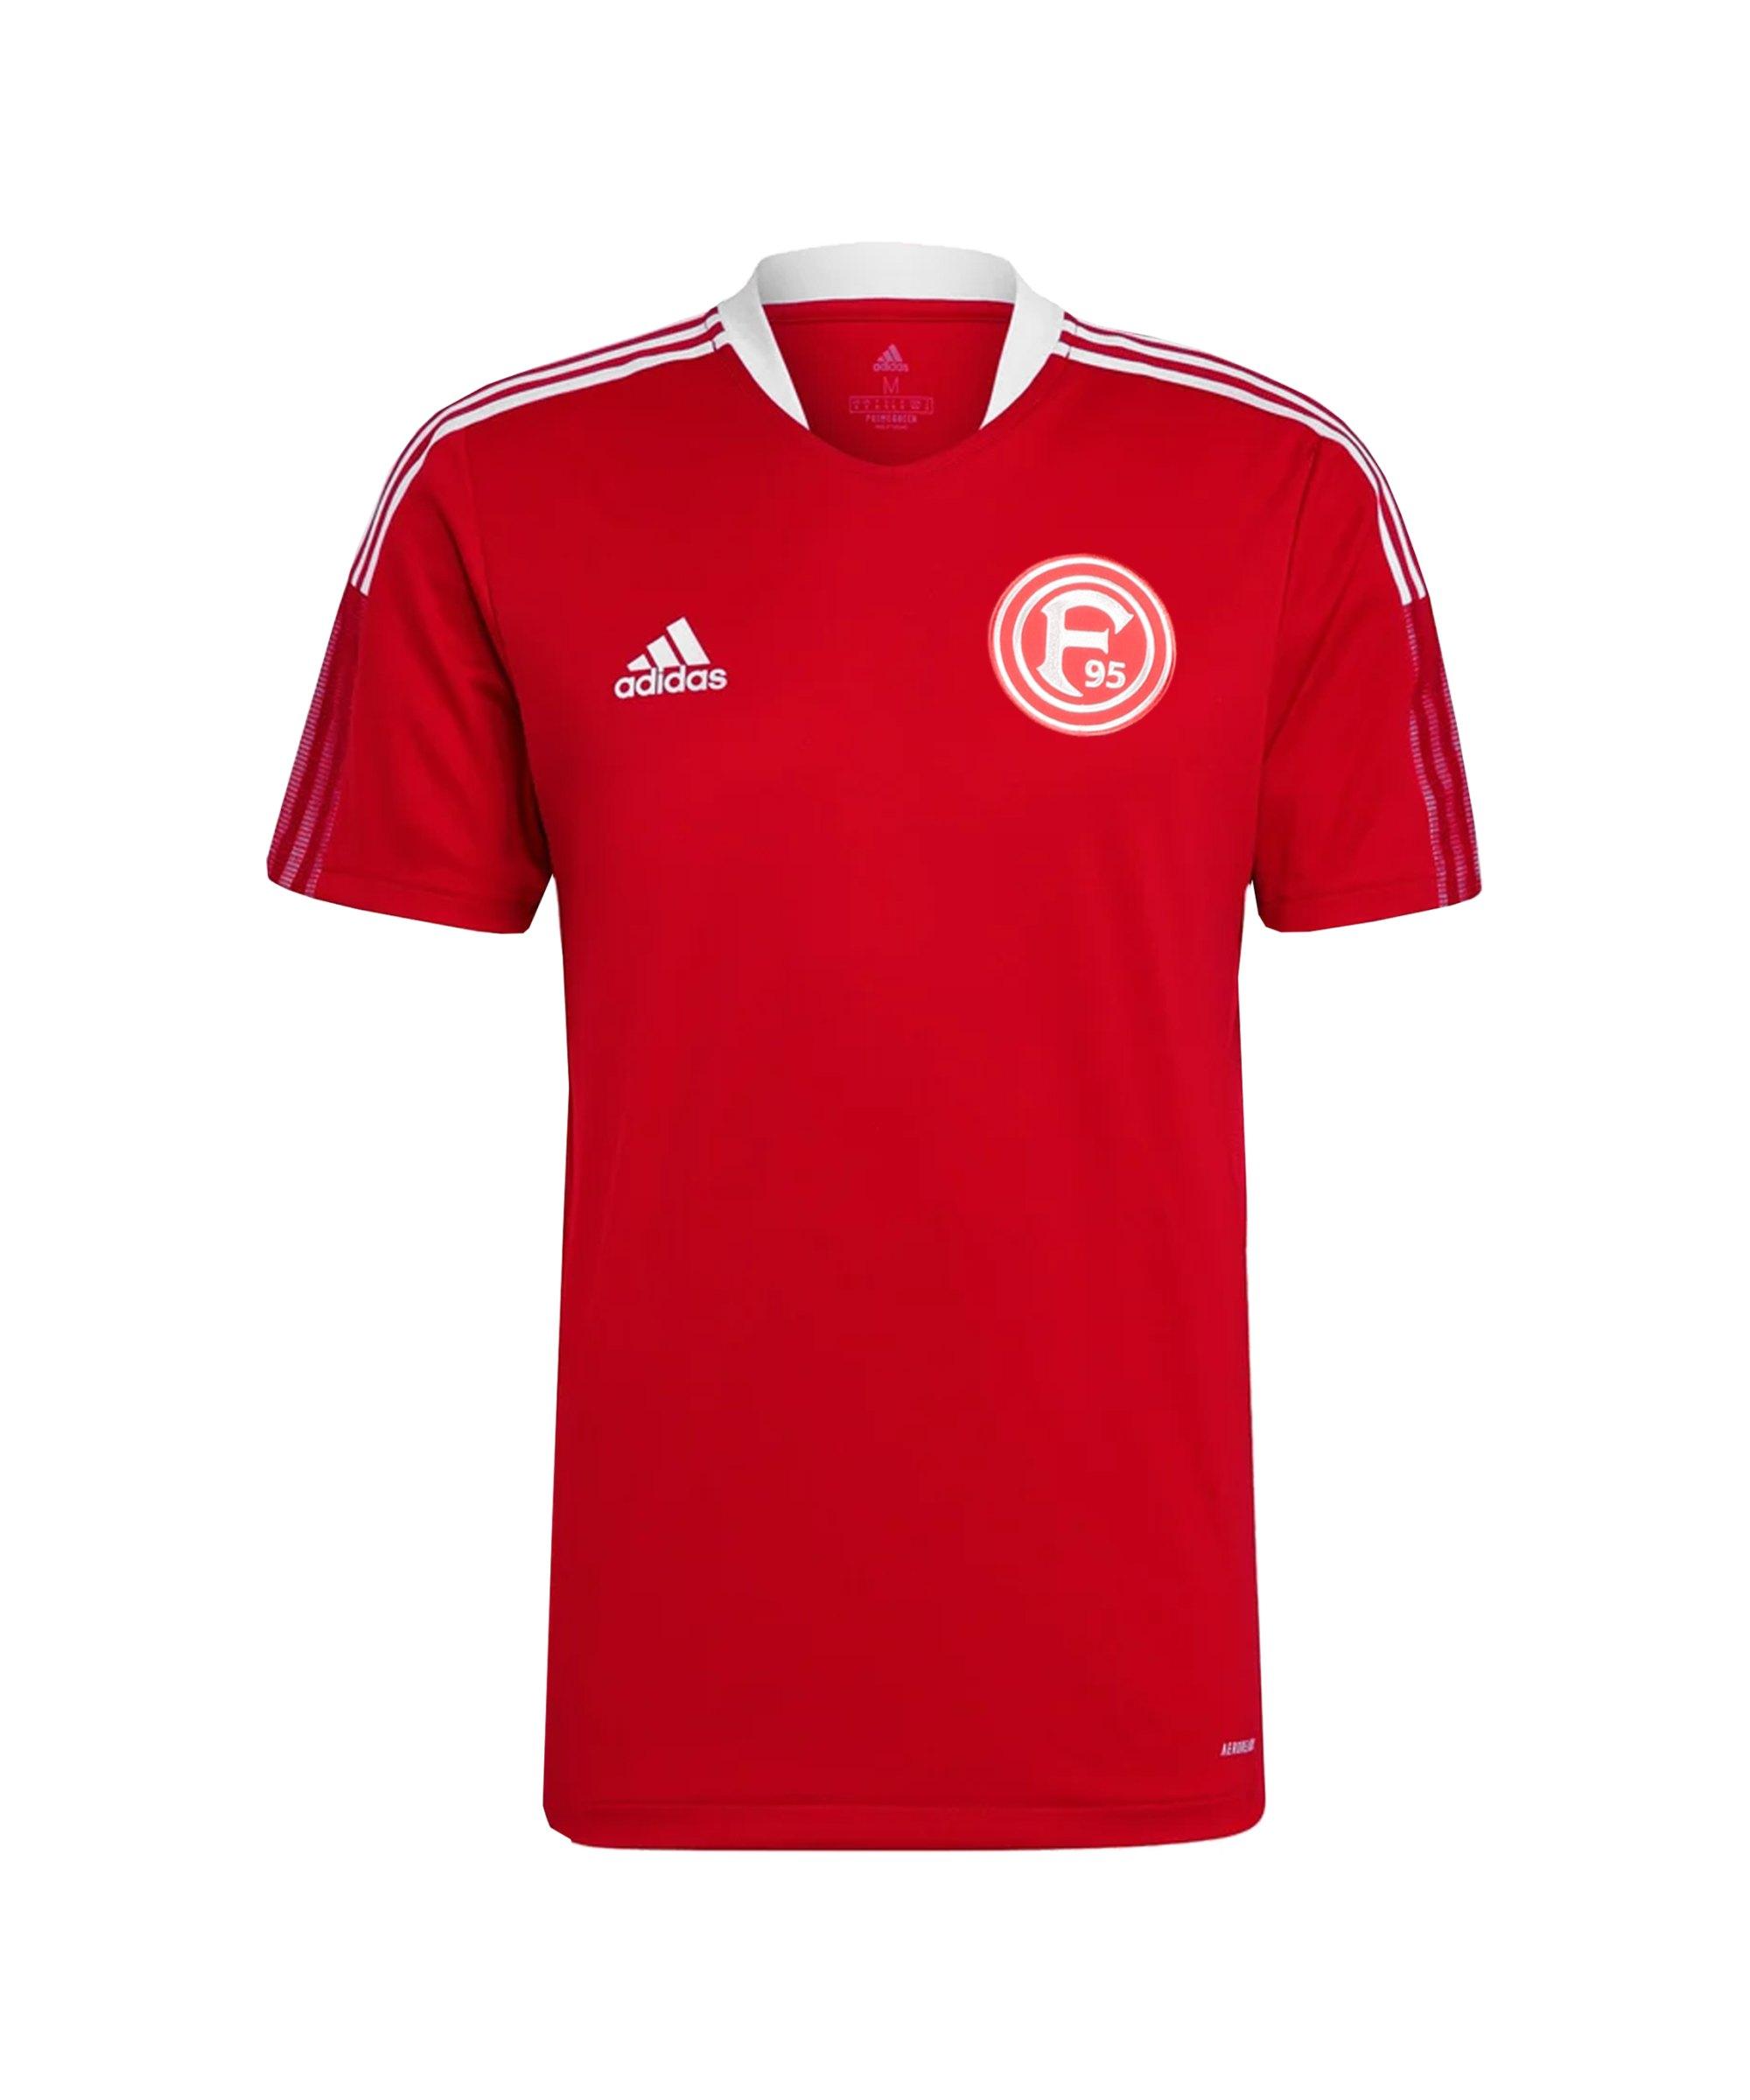 adidas Fortuna Düsseldorf Trainingsshirt Kids Rot - rot